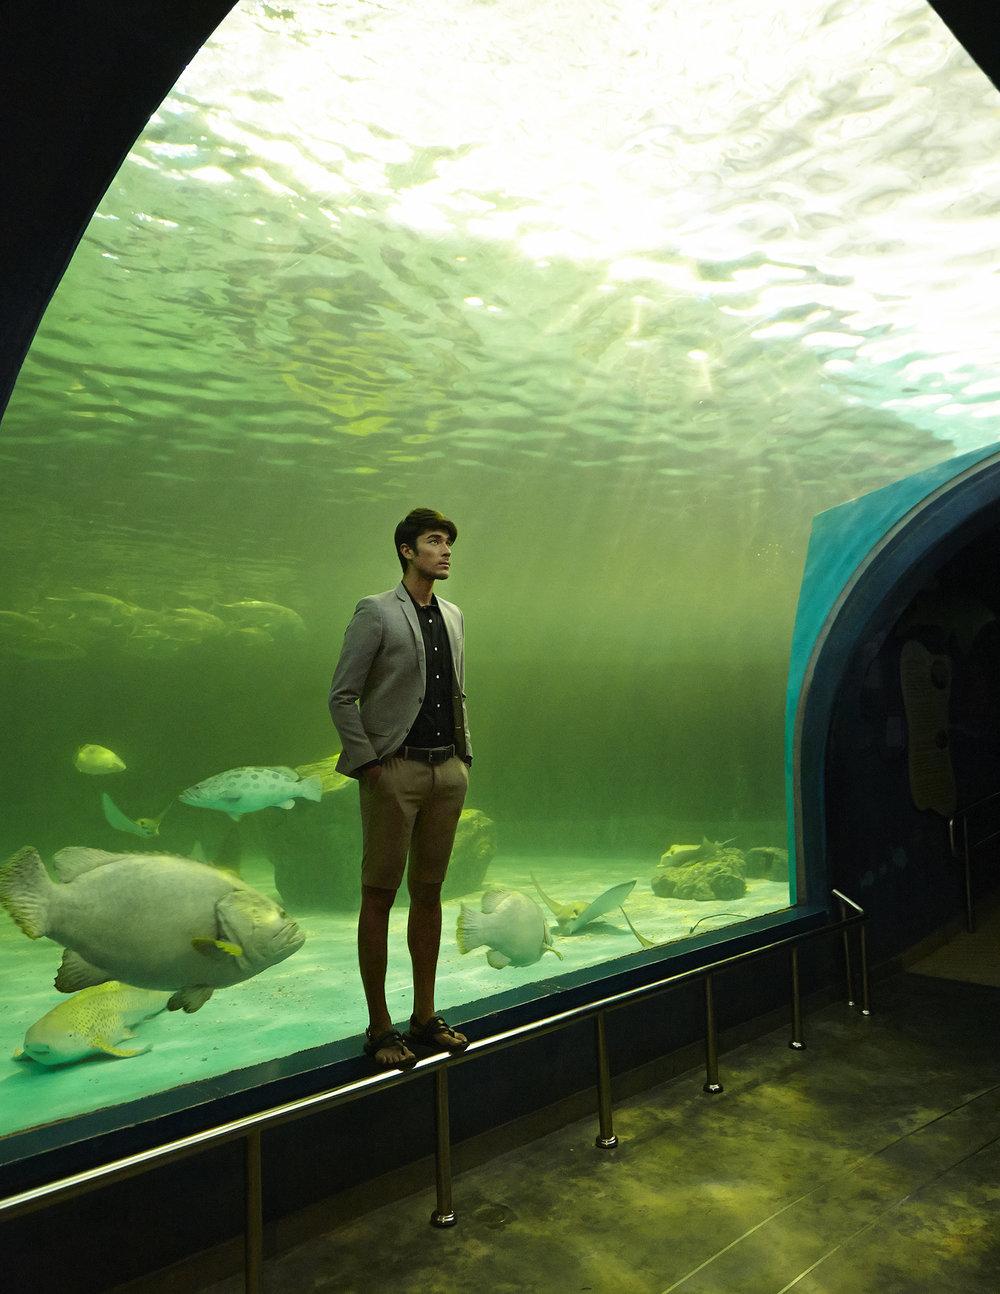 Model : Kenta Sakurai @kentasakura  Clothes : 4X4 MAN / Sandals : Mr. TANGO  พิพิธภัณฑ์สัตว์น้ำบางแสน สถาบันวิทยาศาสตร์ทางทะเล มหาวิทยาลัยบูรพา หรือที่เรียกกันว่า พิพิธภัณฑ์สัตว์น้ำบางแสน เปิดให้บริการมานานกว่า 30 ปี ตั้งอยู่บริเวณด้านหน้ามหาวิทยาลัยบูรพา บนเนื้อที่กว่า 30 ไร่ เป็นสถานที่ท่องเที่ยว ที่จัดแสดงเพื่อให้ความรู้เกี่ยวกับวิทยาศาสตร์ทางทะเล สิ่งมีชีวิตและความเป็นอยู่ของสัตว์ทะเลชนิดต่างๆที่อาศัยอยู่ในเขตน่านน้ำของไทย